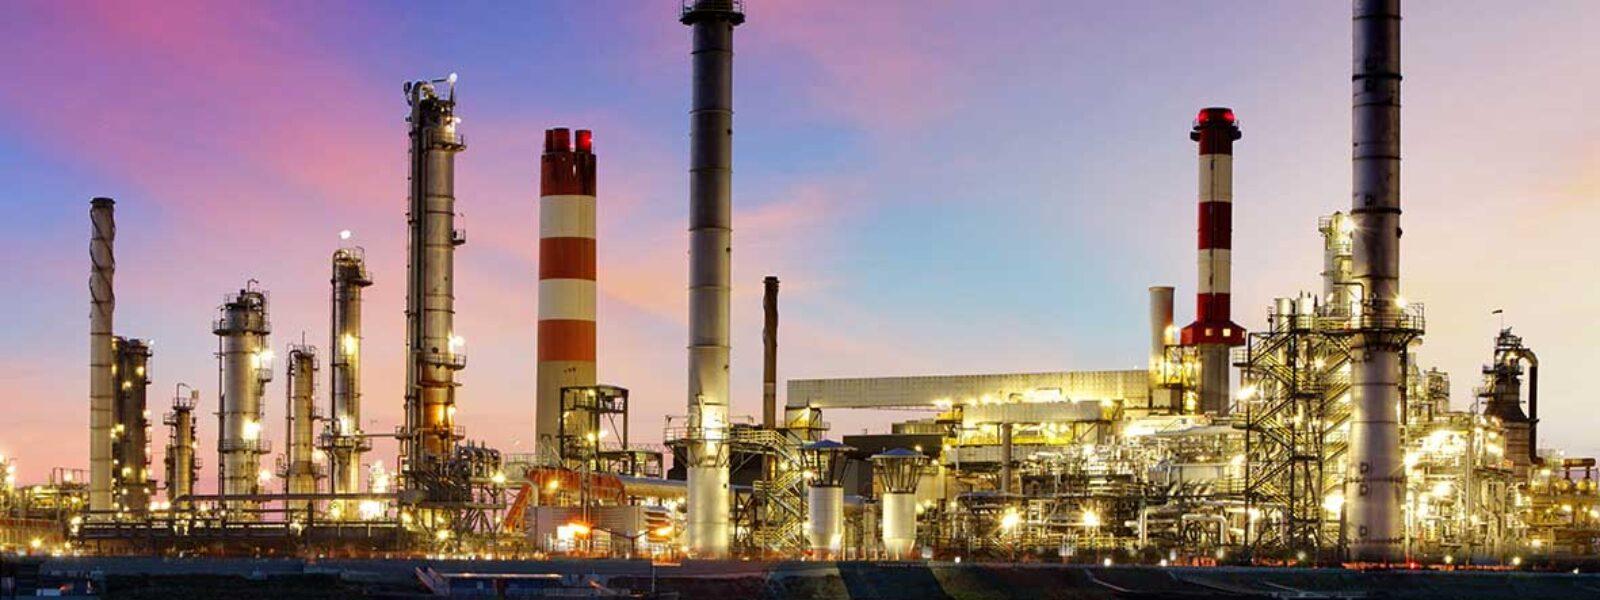 ◉حوزه های «انرژی»،«نفت»، «گاز» و «پتروشیمی»